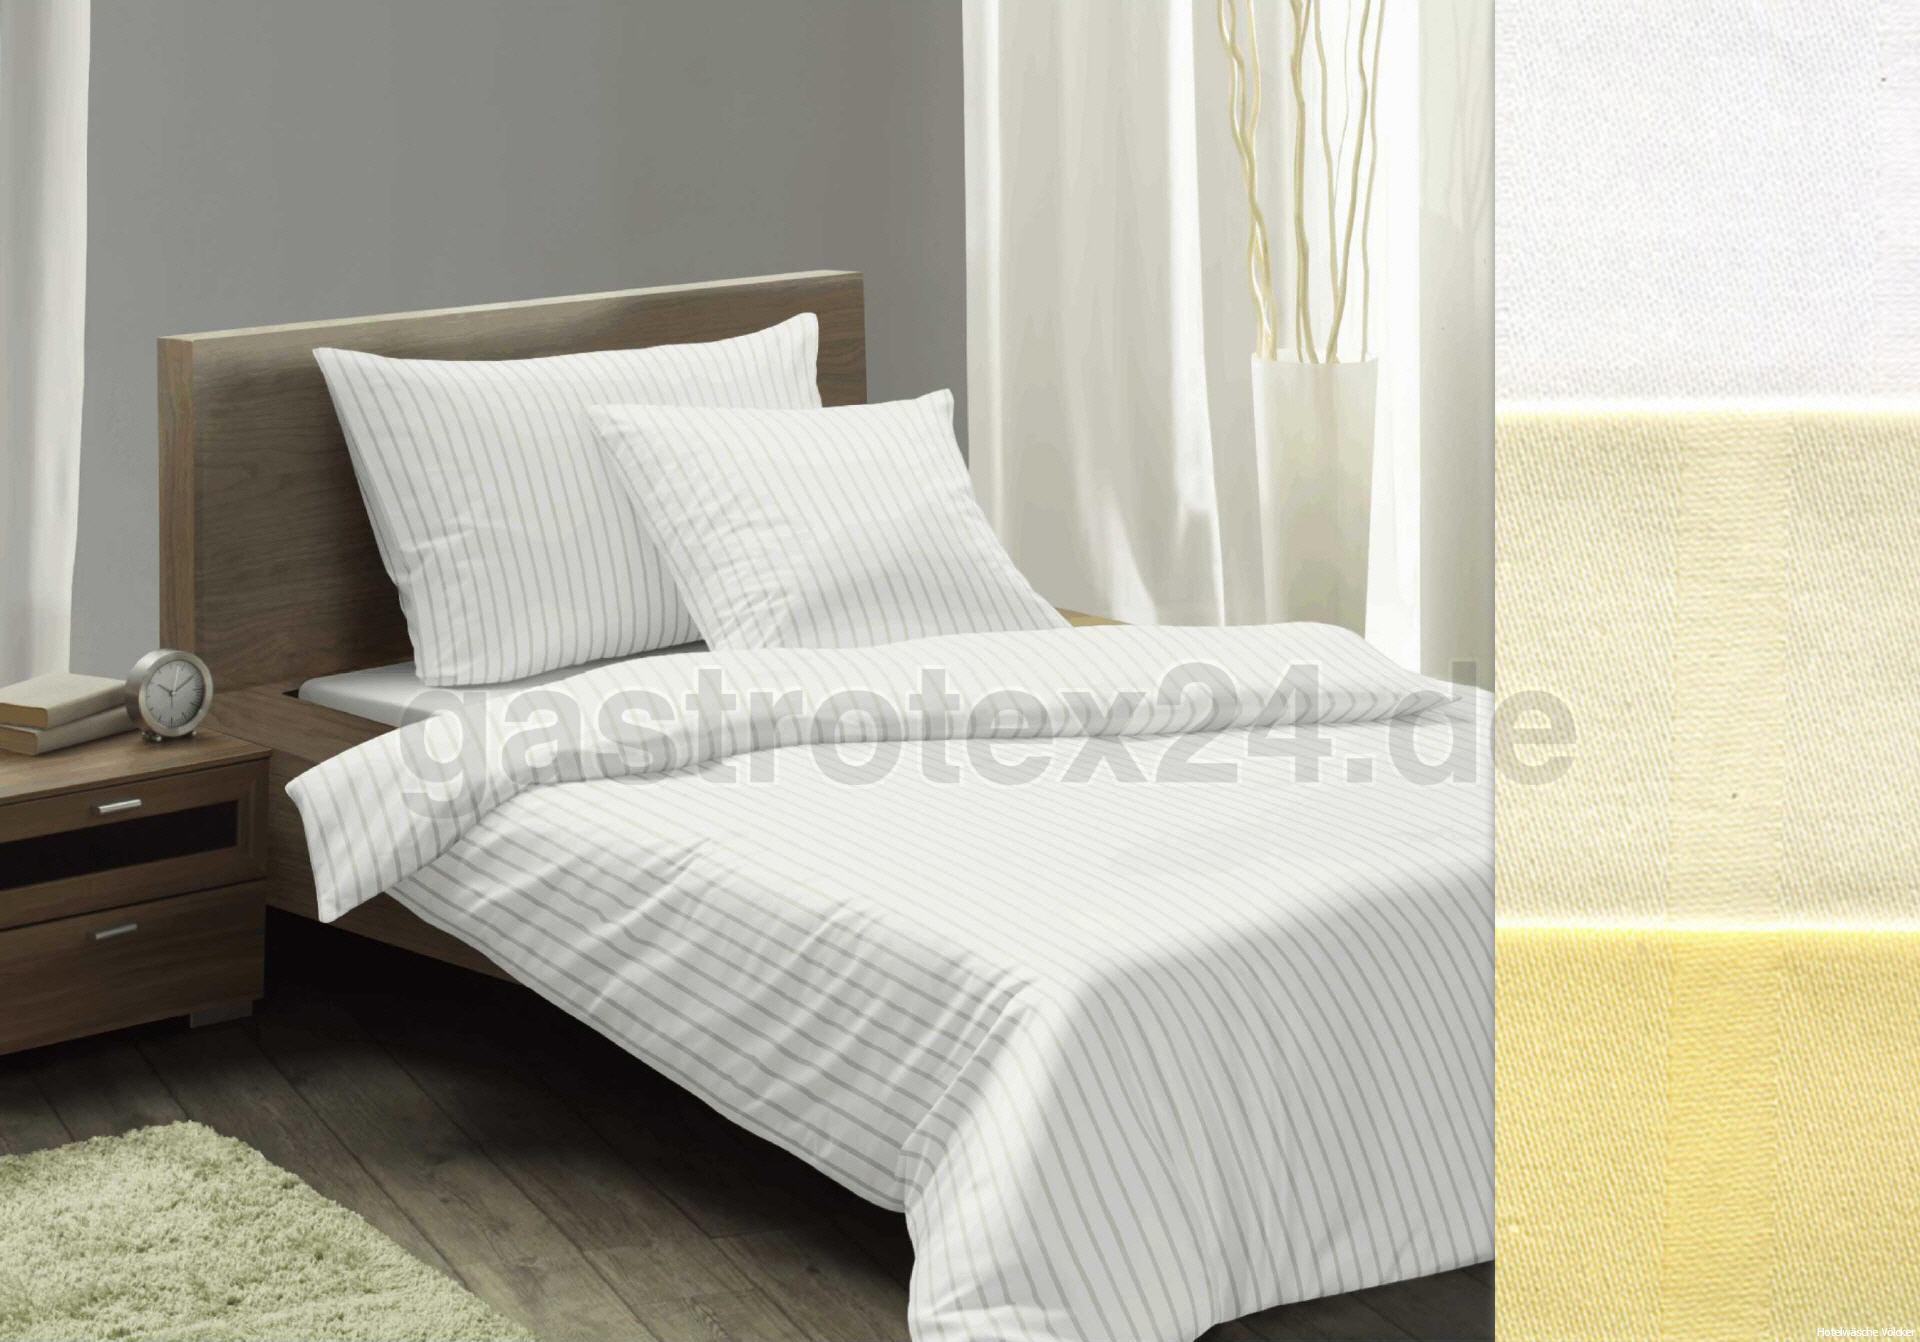 mischgewebe bettw sche wechselstreifen 6 24 mm weiss f r hotel gastronomie gastrotex ihr. Black Bedroom Furniture Sets. Home Design Ideas